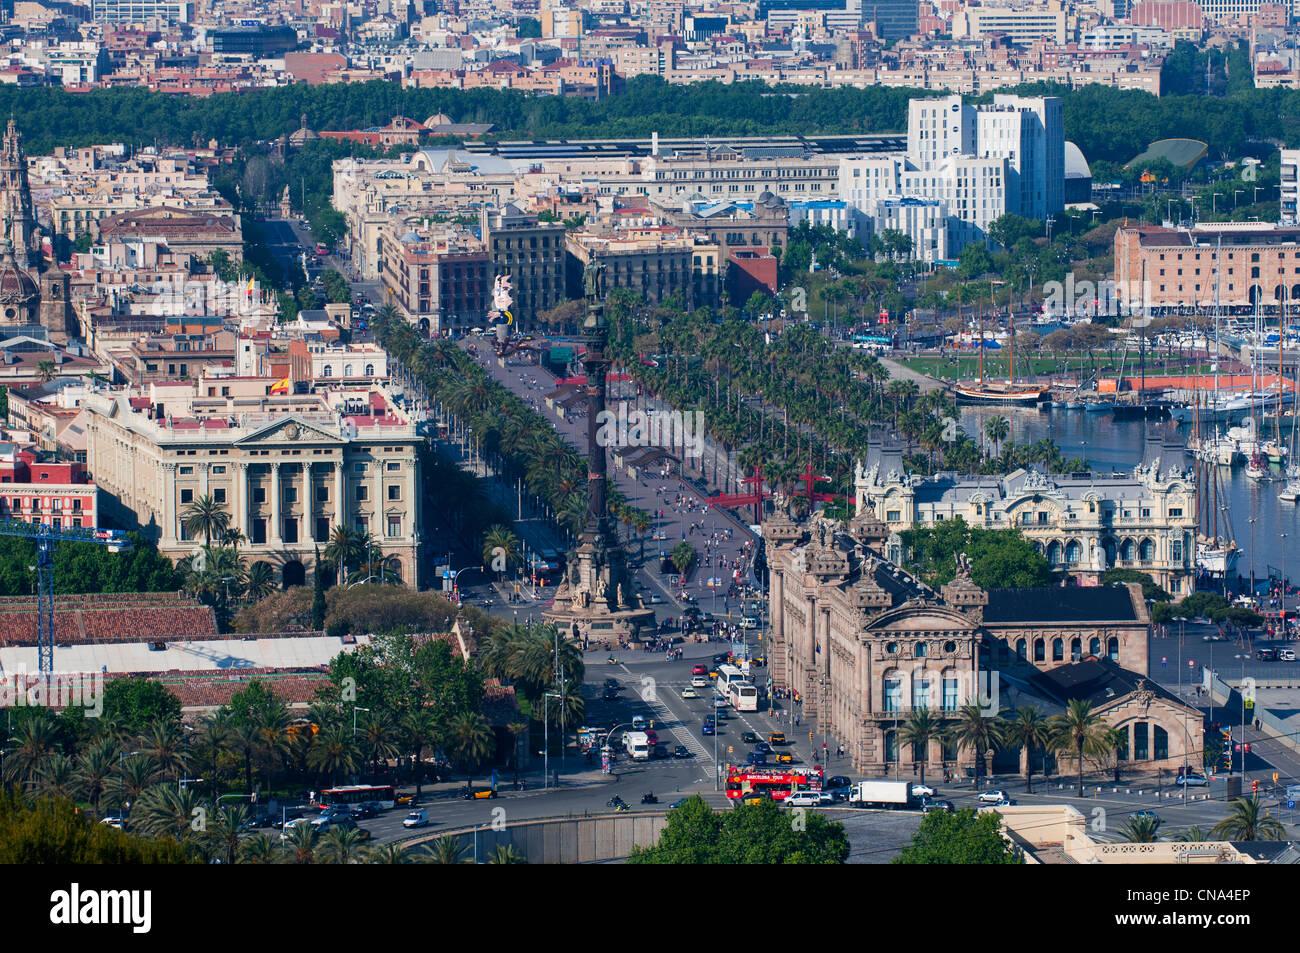 Spain, Catalonia, Barcelona, Ciutat Vella District, Passeig de Colom - Stock Image